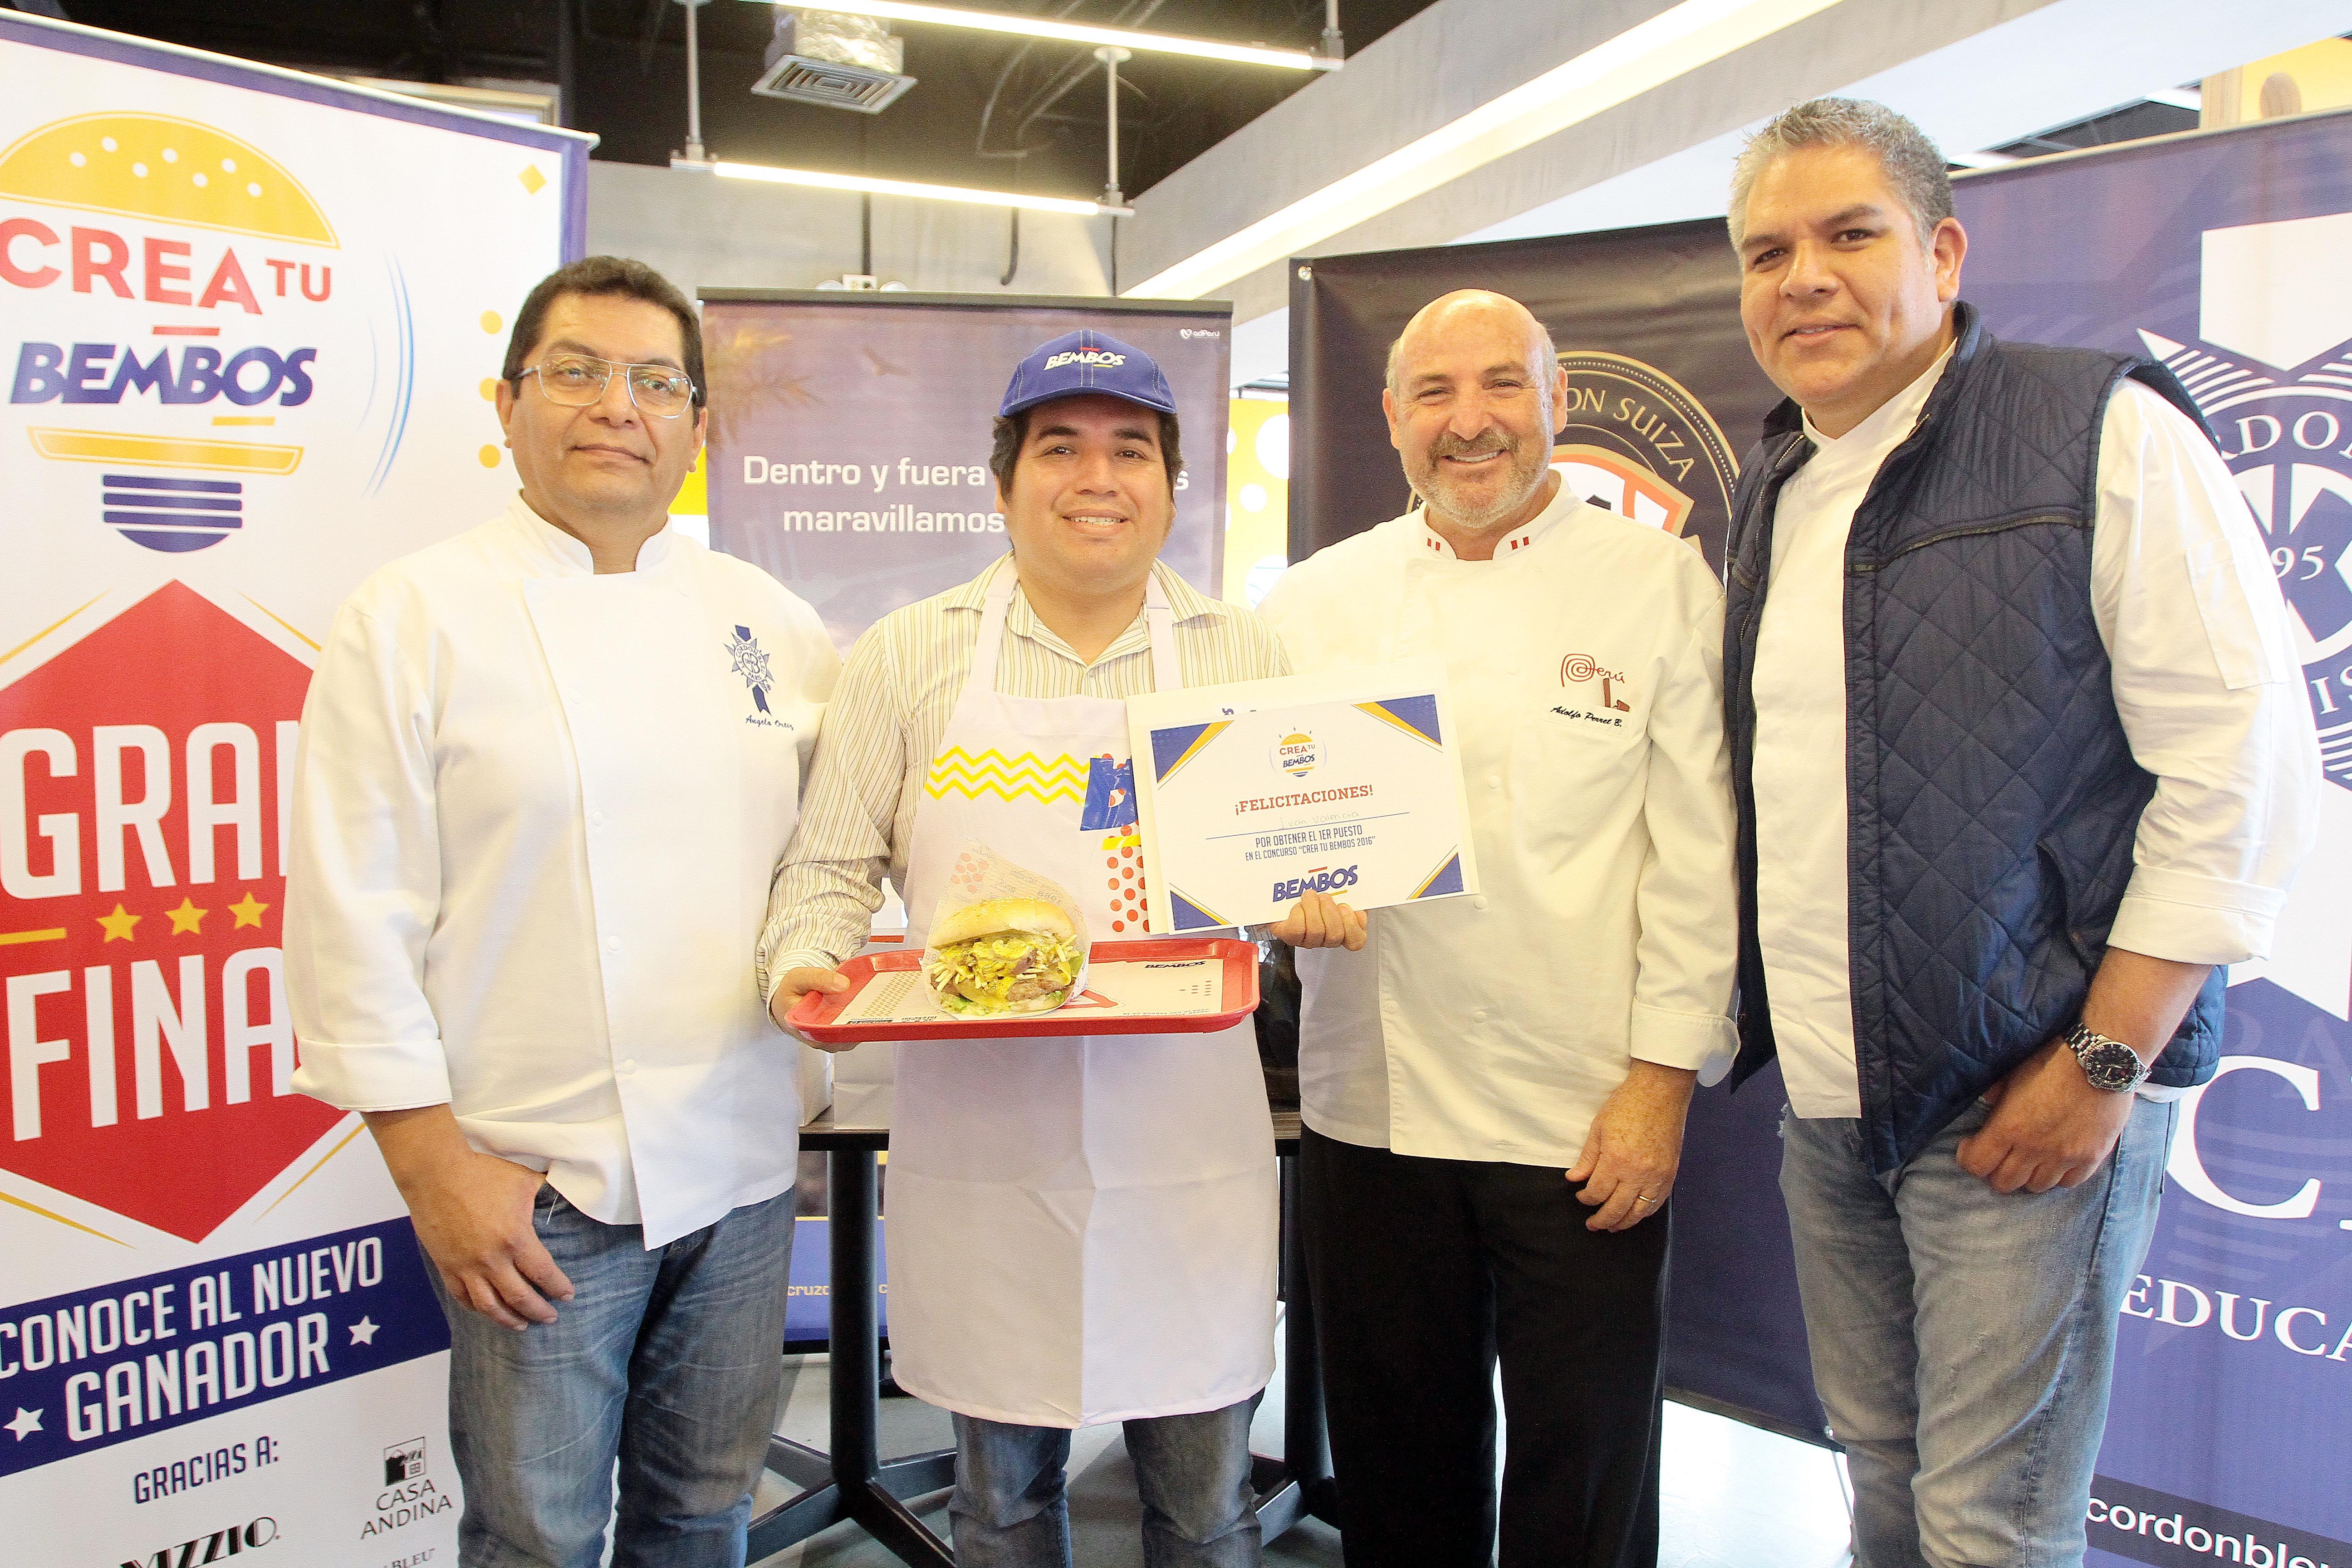 Angelo Ortiz Ivan Valenciaganador Adolfo Perret José del Castillo - Concurso 'Crea tu Bembos 2016' llegó a su fin